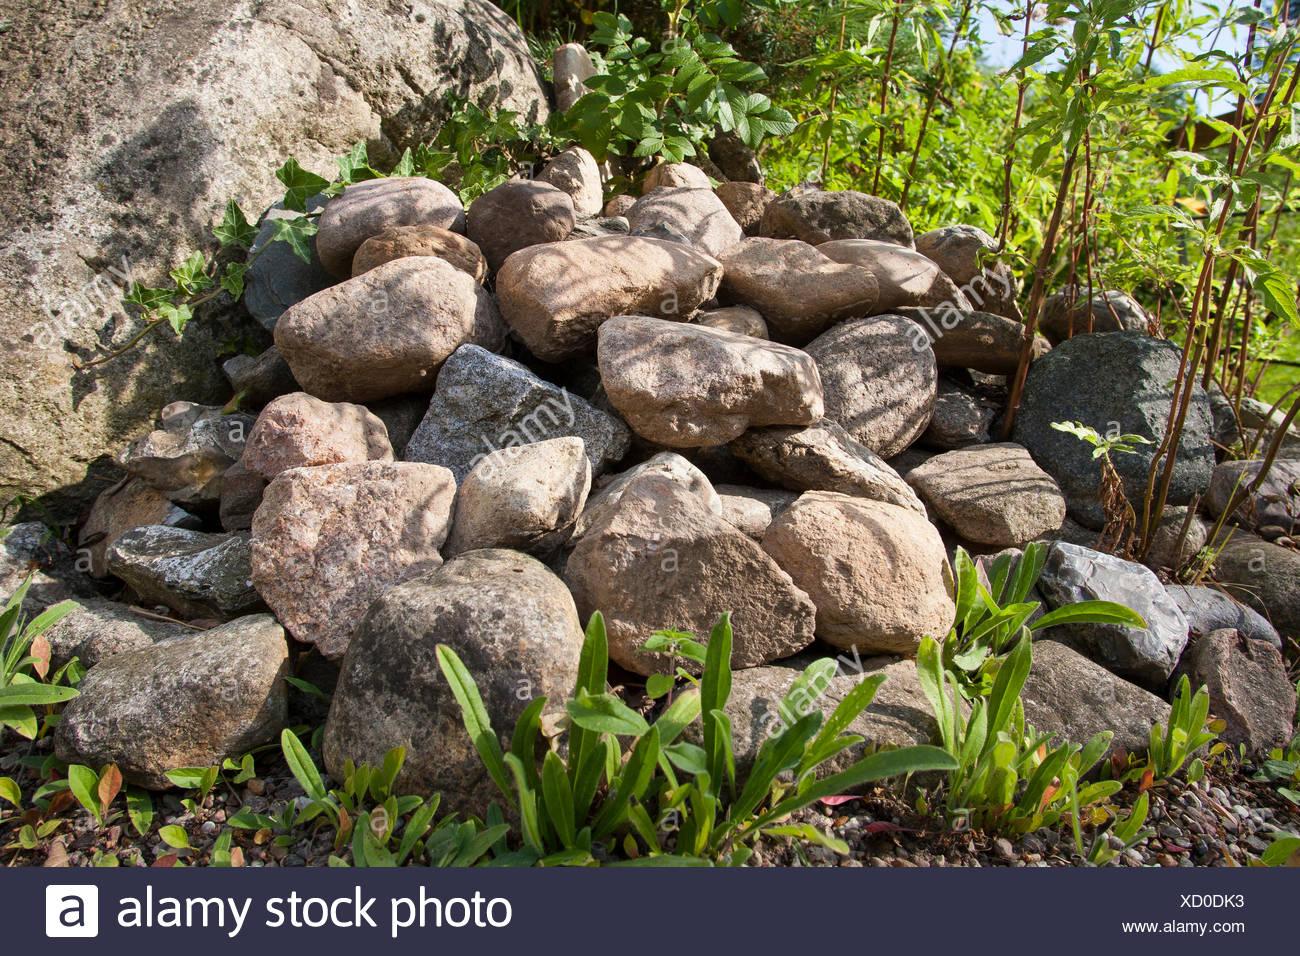 Montón de piedras en un jardín, hábitat para animales , Alemania Imagen De Stock